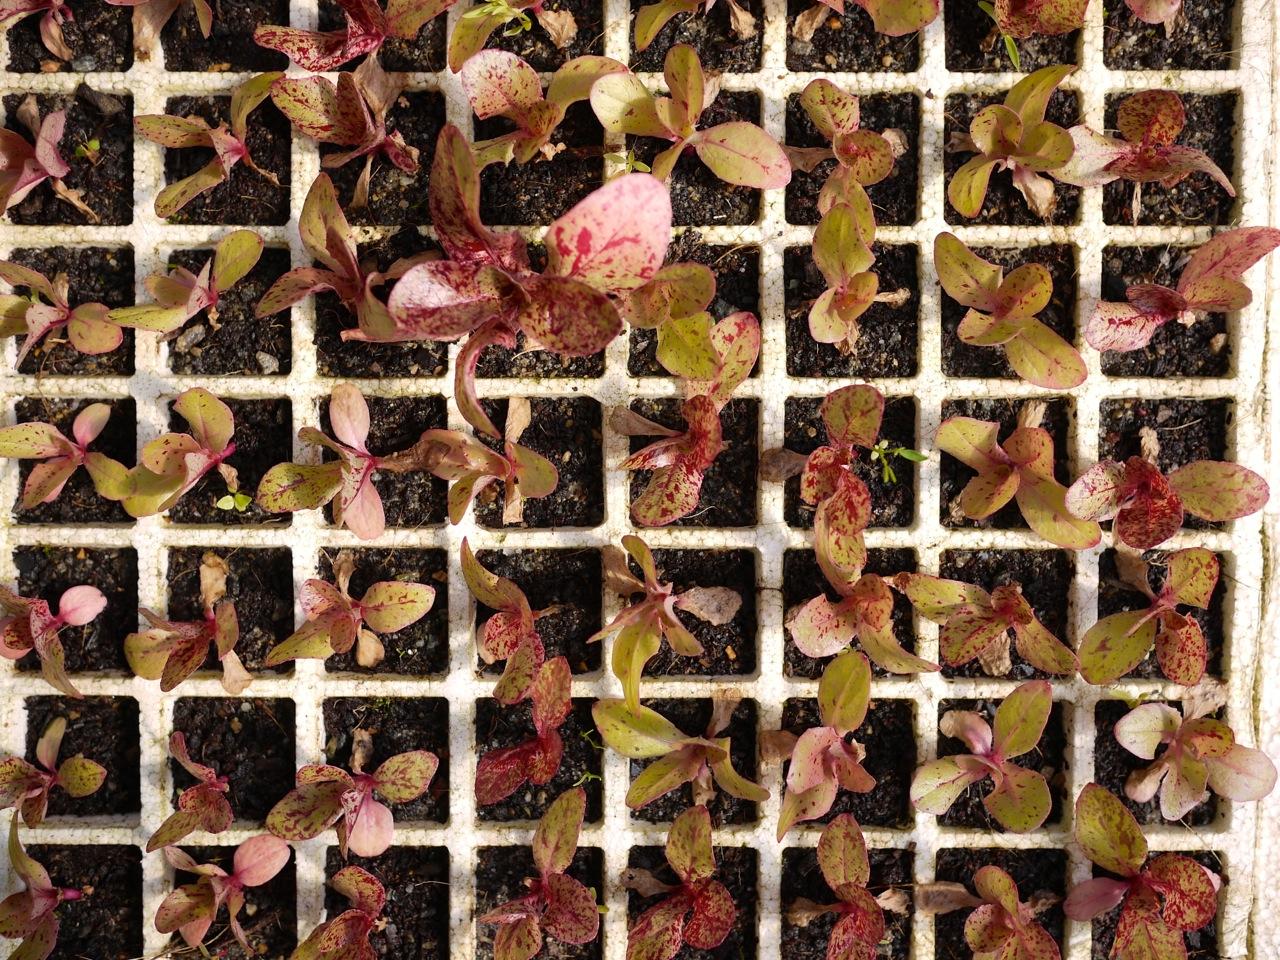 1309 seedlings - 4